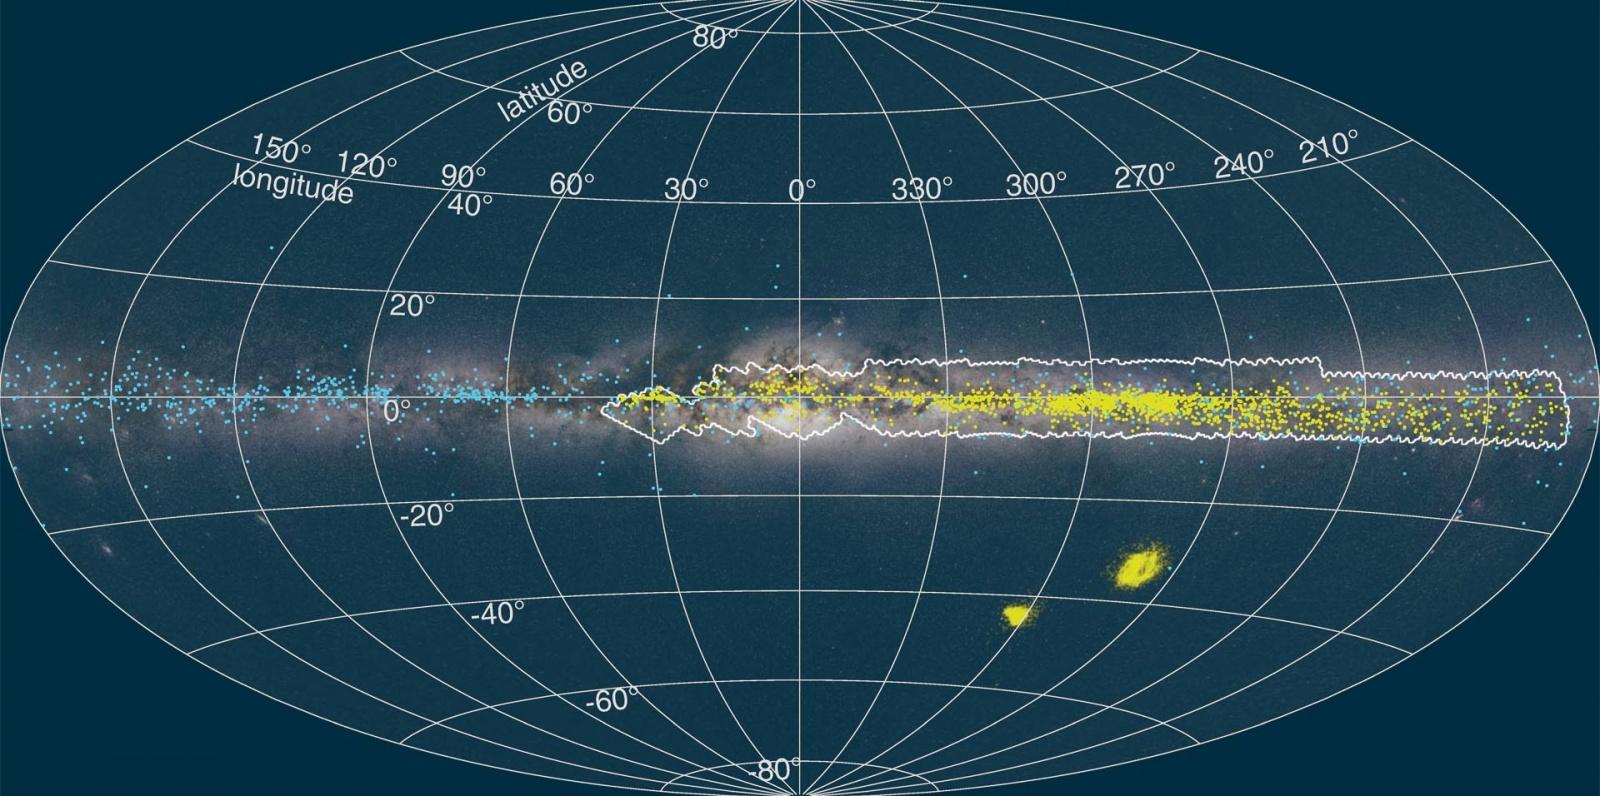 Астрономы создали новую 3D карту галактики Млечный путь - 3